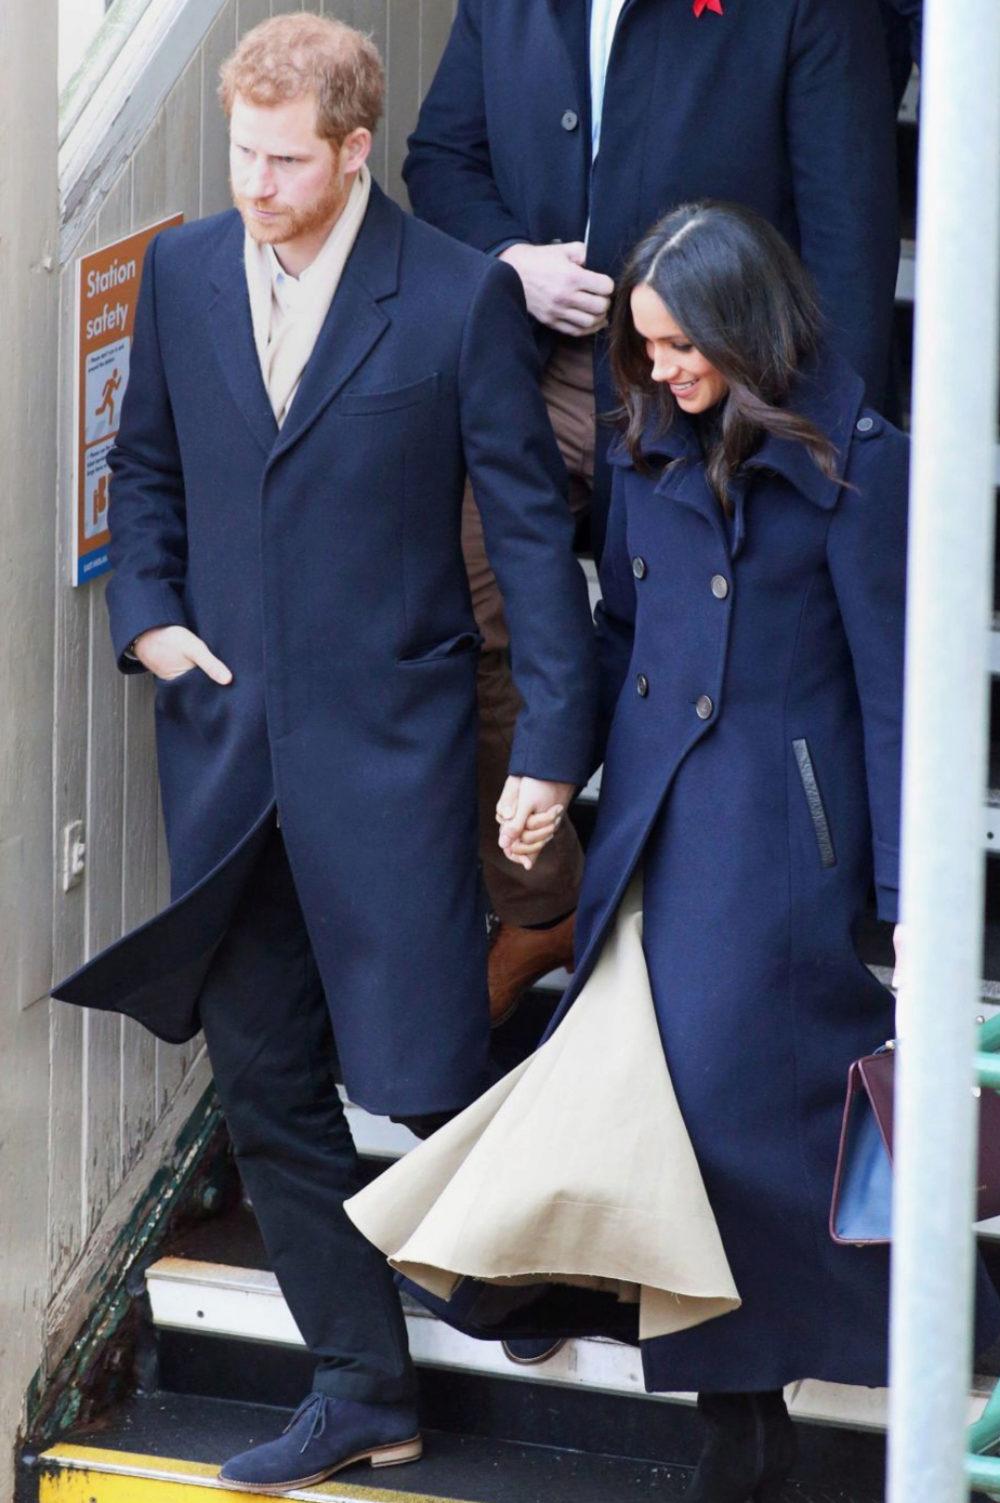 La llegada de Meghan Markle y el príncipe Harry de Inglaterra